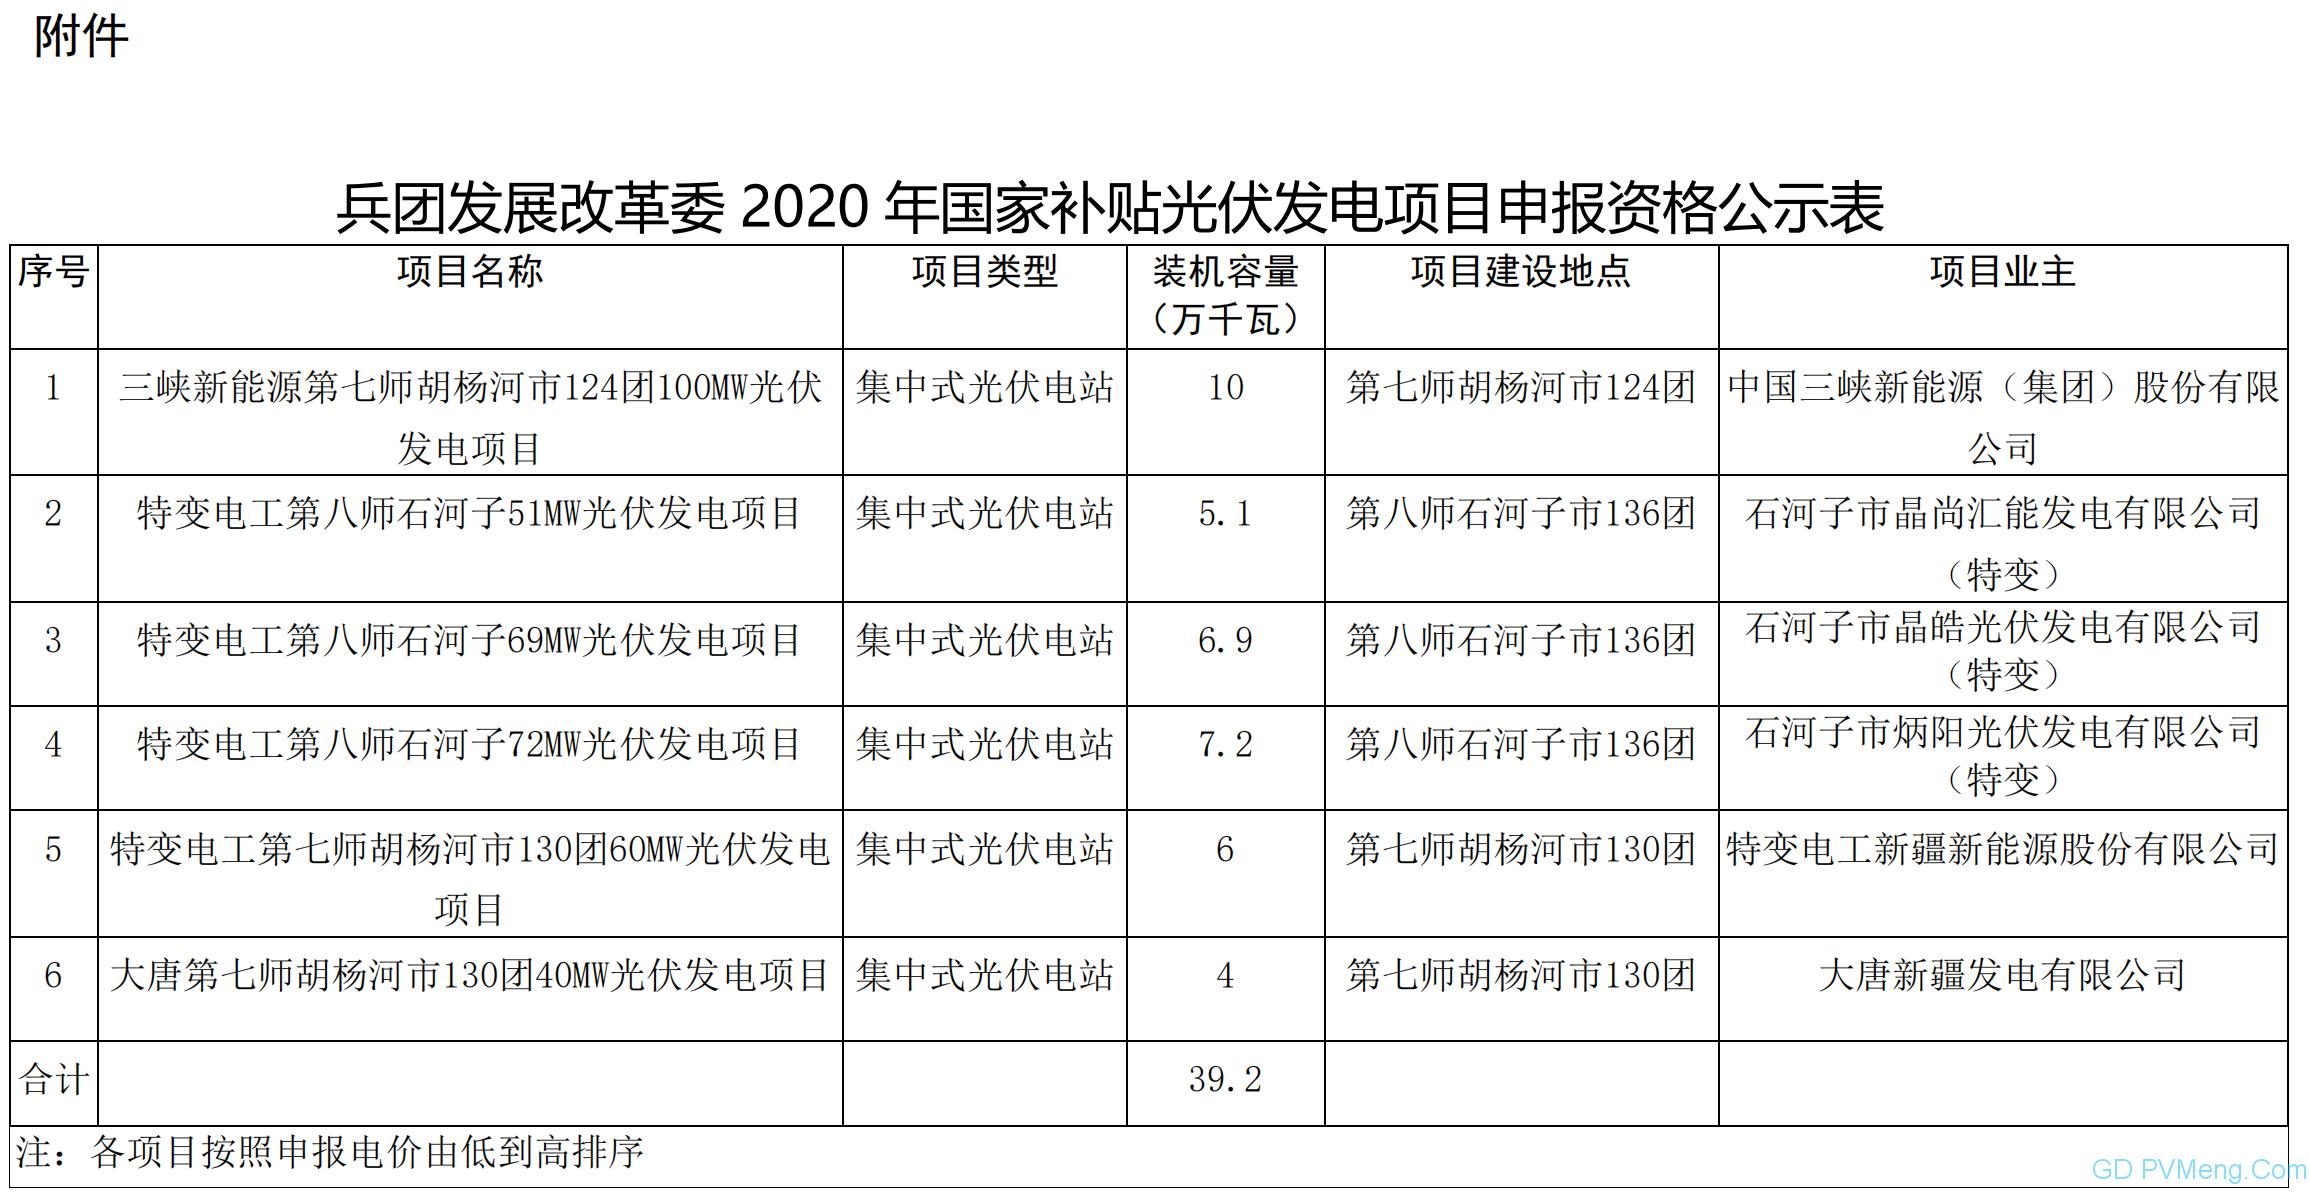 新疆生产建设兵团发展改革委关于2020年国家补贴光伏发电项目申报资格的公示 20200608